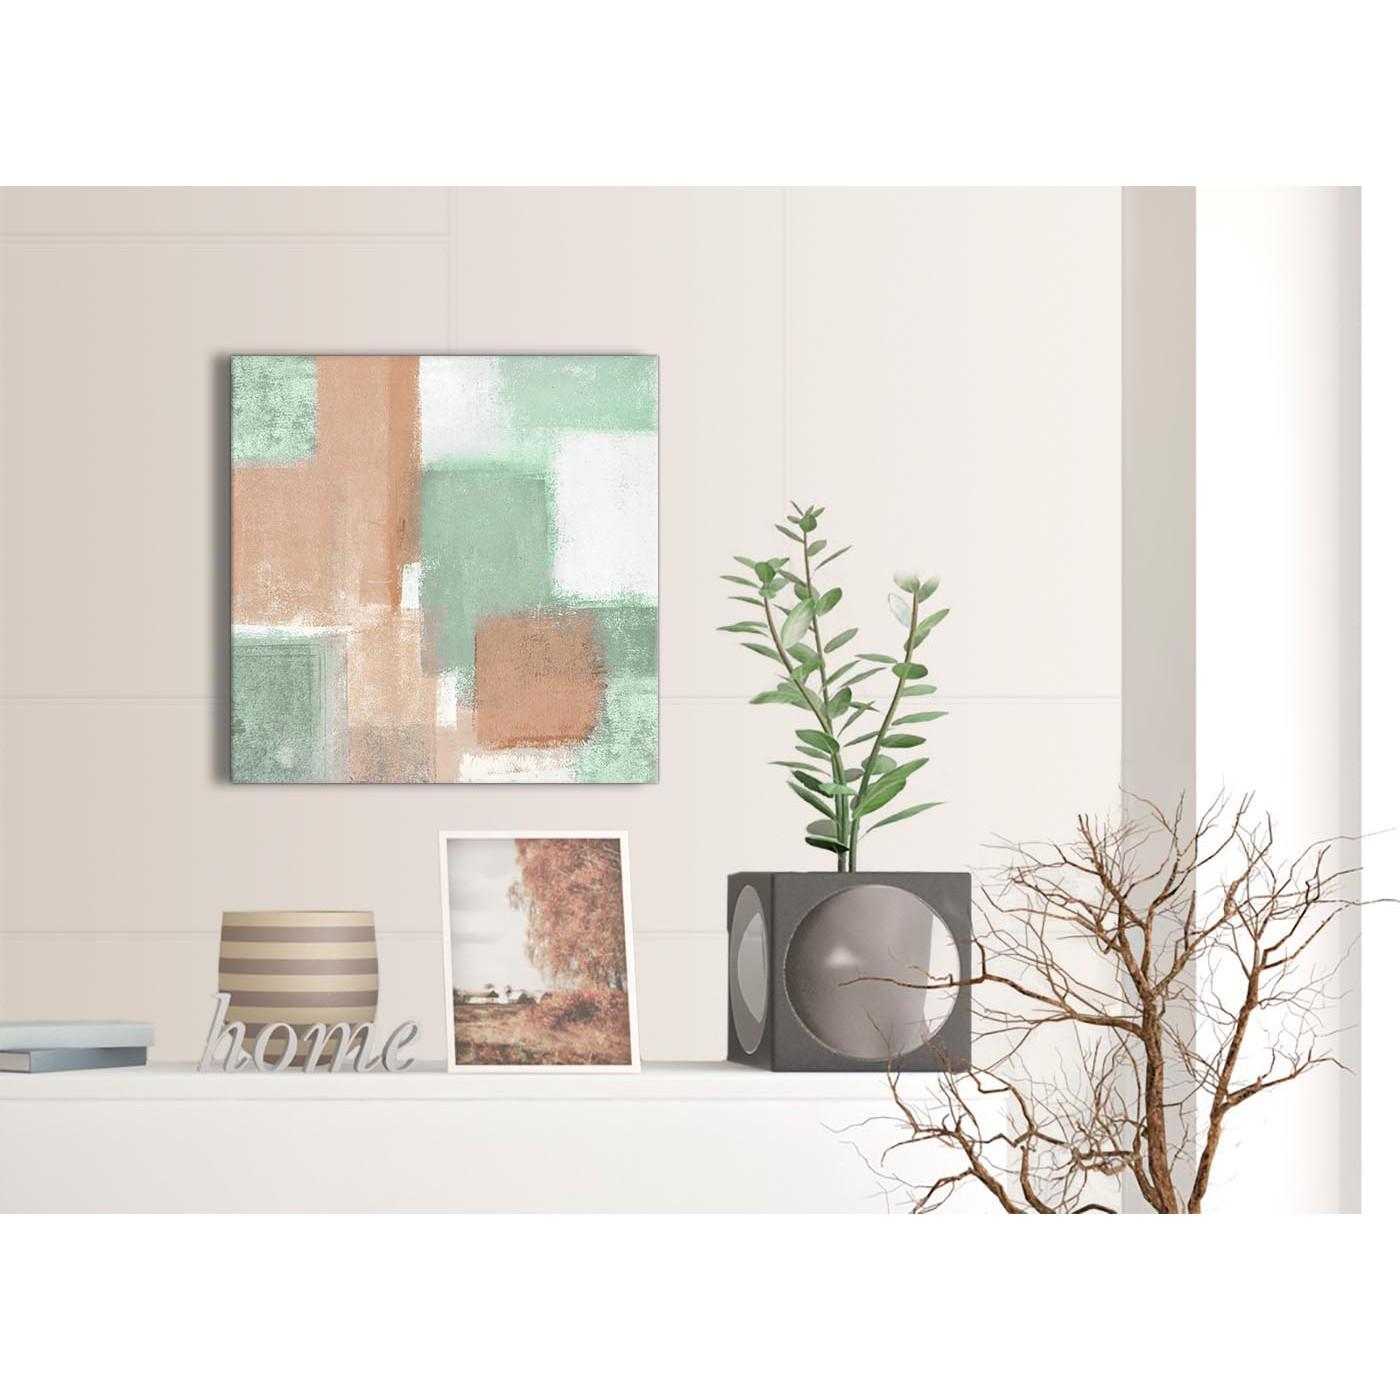 Peach mint green bathroom canvas wall art accessories for Mint green home accessories